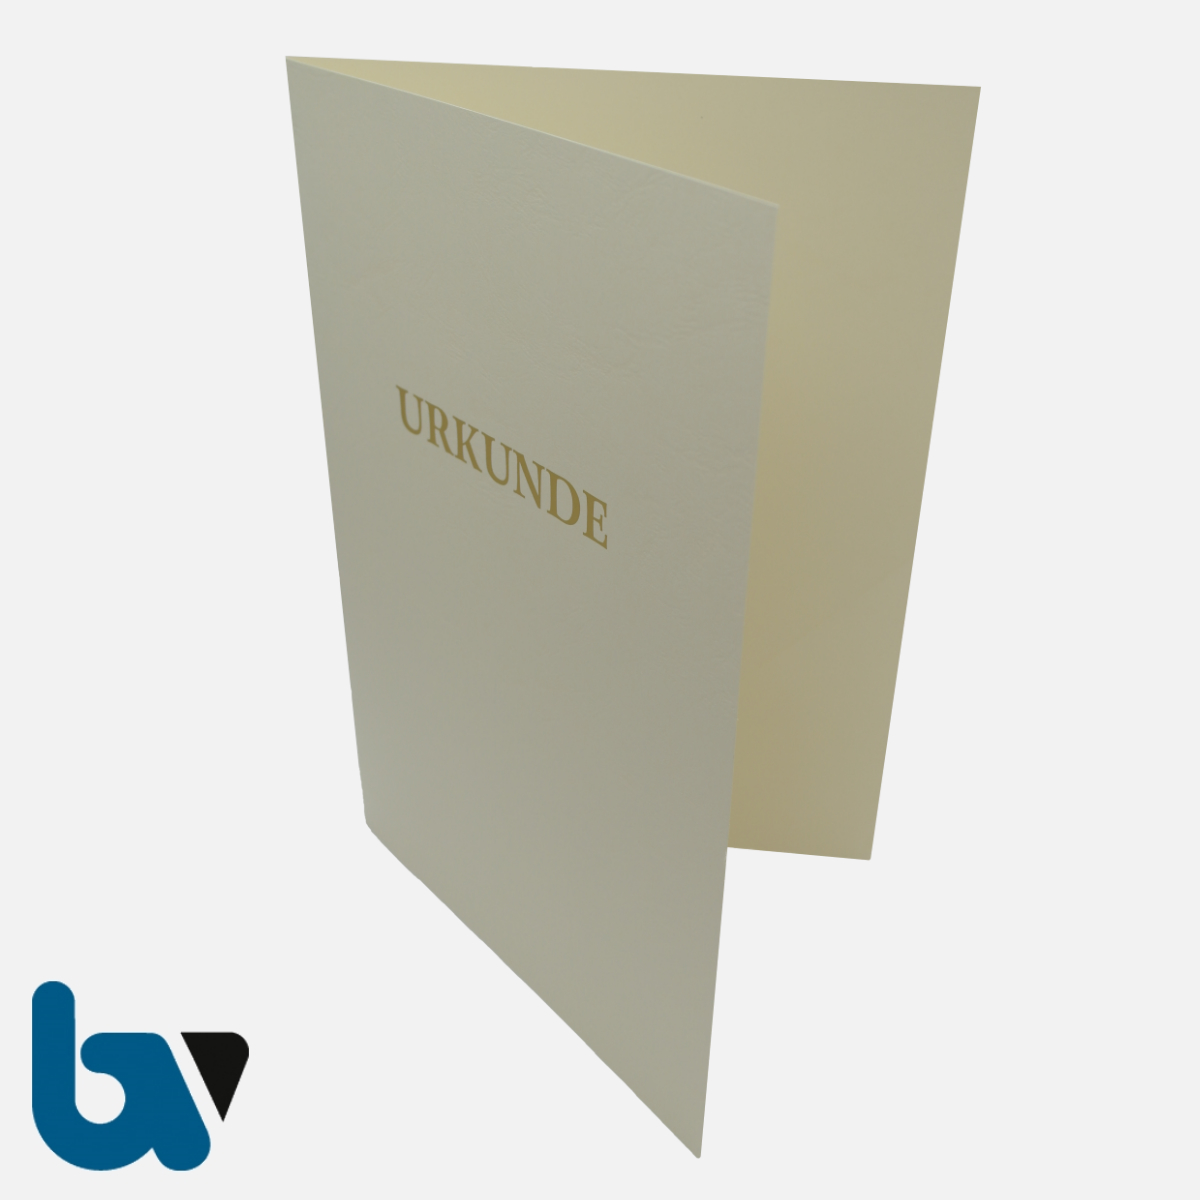 0/134-10 Urkundenhülle Creme Dokumente Goldprägung Überformat Einstecktasche Einlege DIN A4 VS 1 | Borgard Verlag GmbH